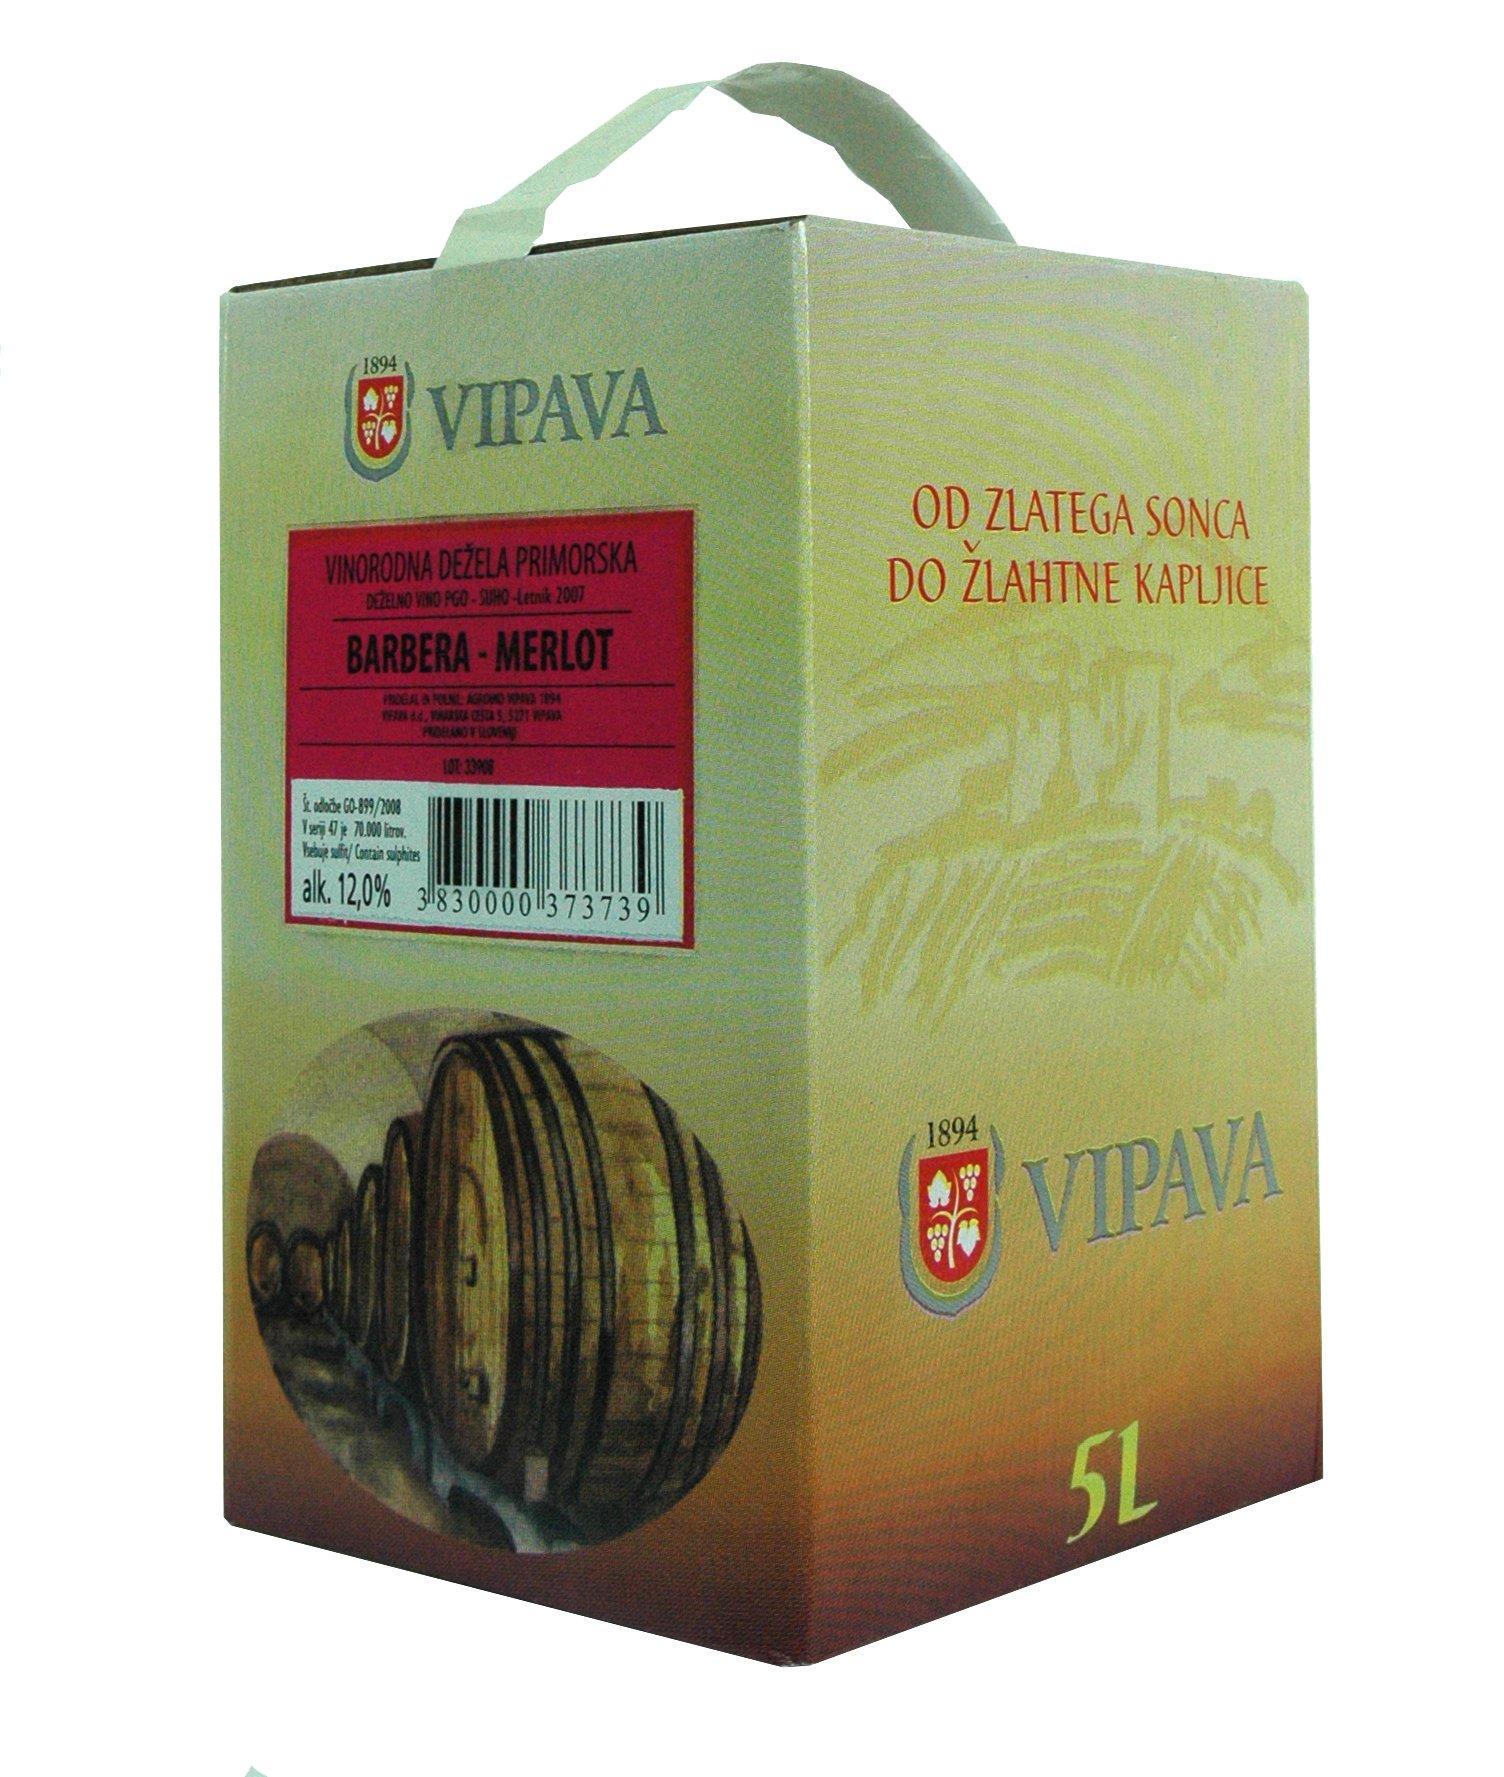 Vipava-1894-Rotwein-Bag-in-Box-5-Liter-Rotwein-Karton-5-L-Cuvee-rot–BarberaMerlot-Rotwein-in-Box-5-Liter-5-l